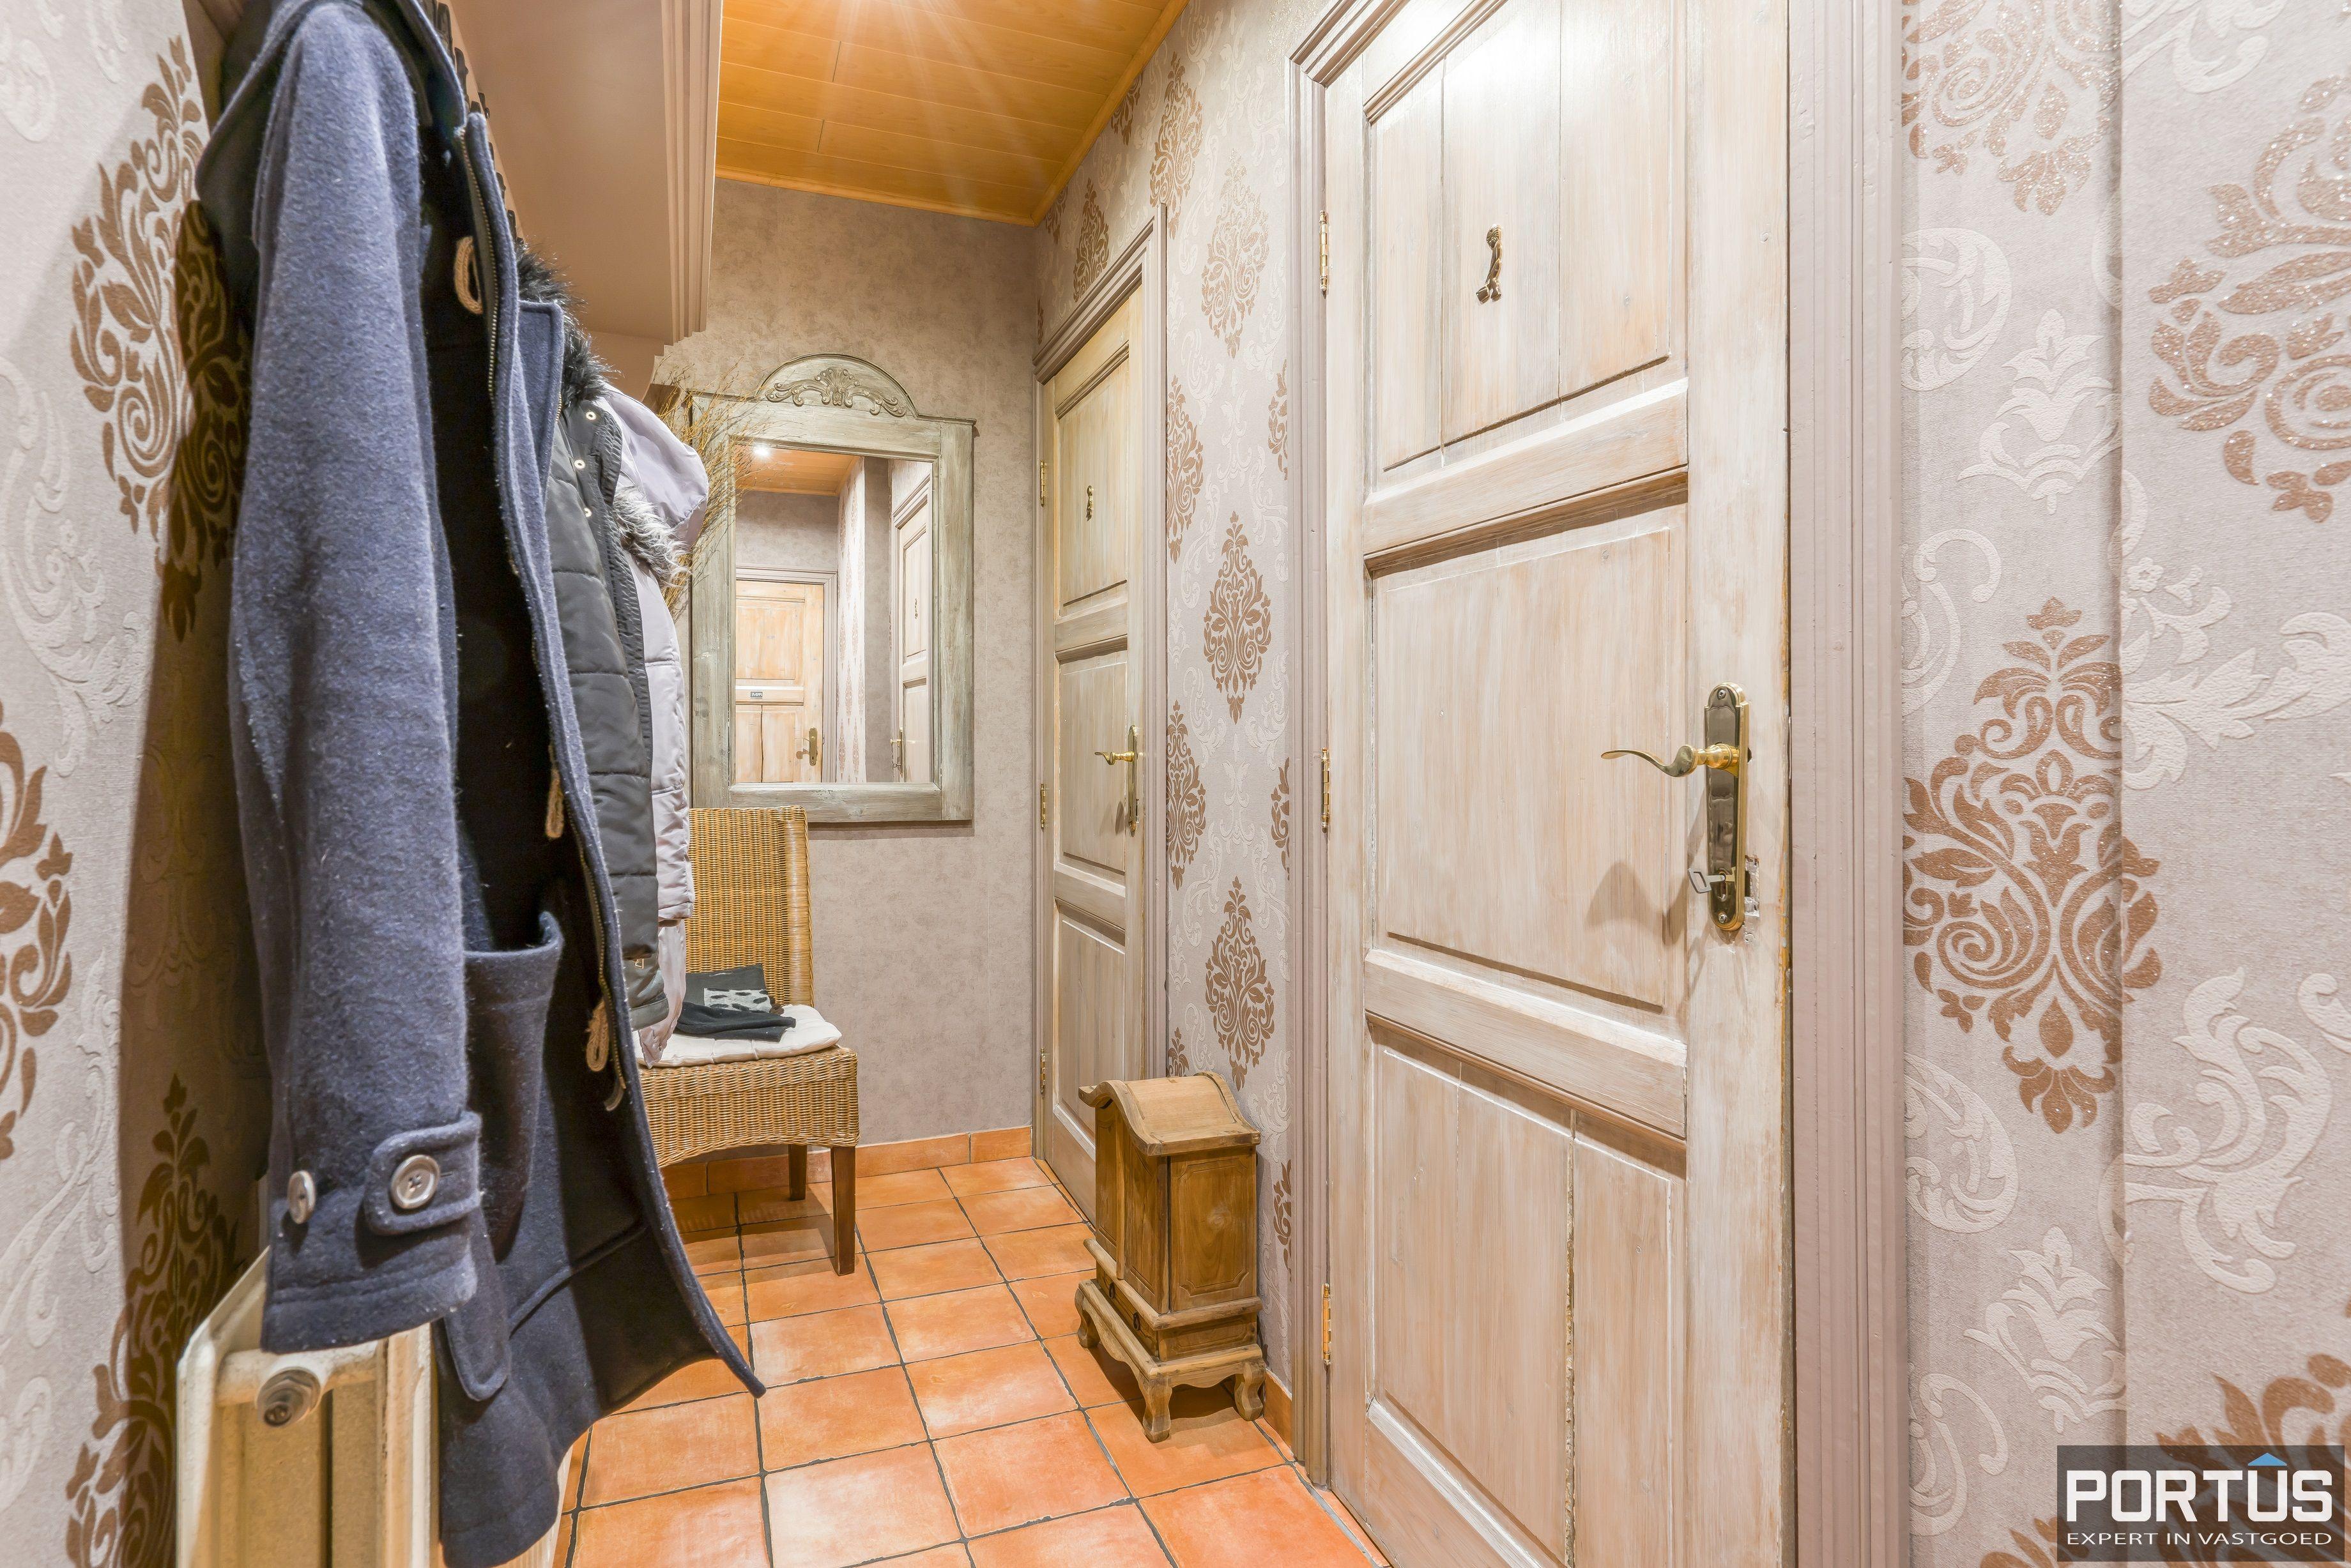 Woning met 2 slaapkamers te koop te Westende - 13413